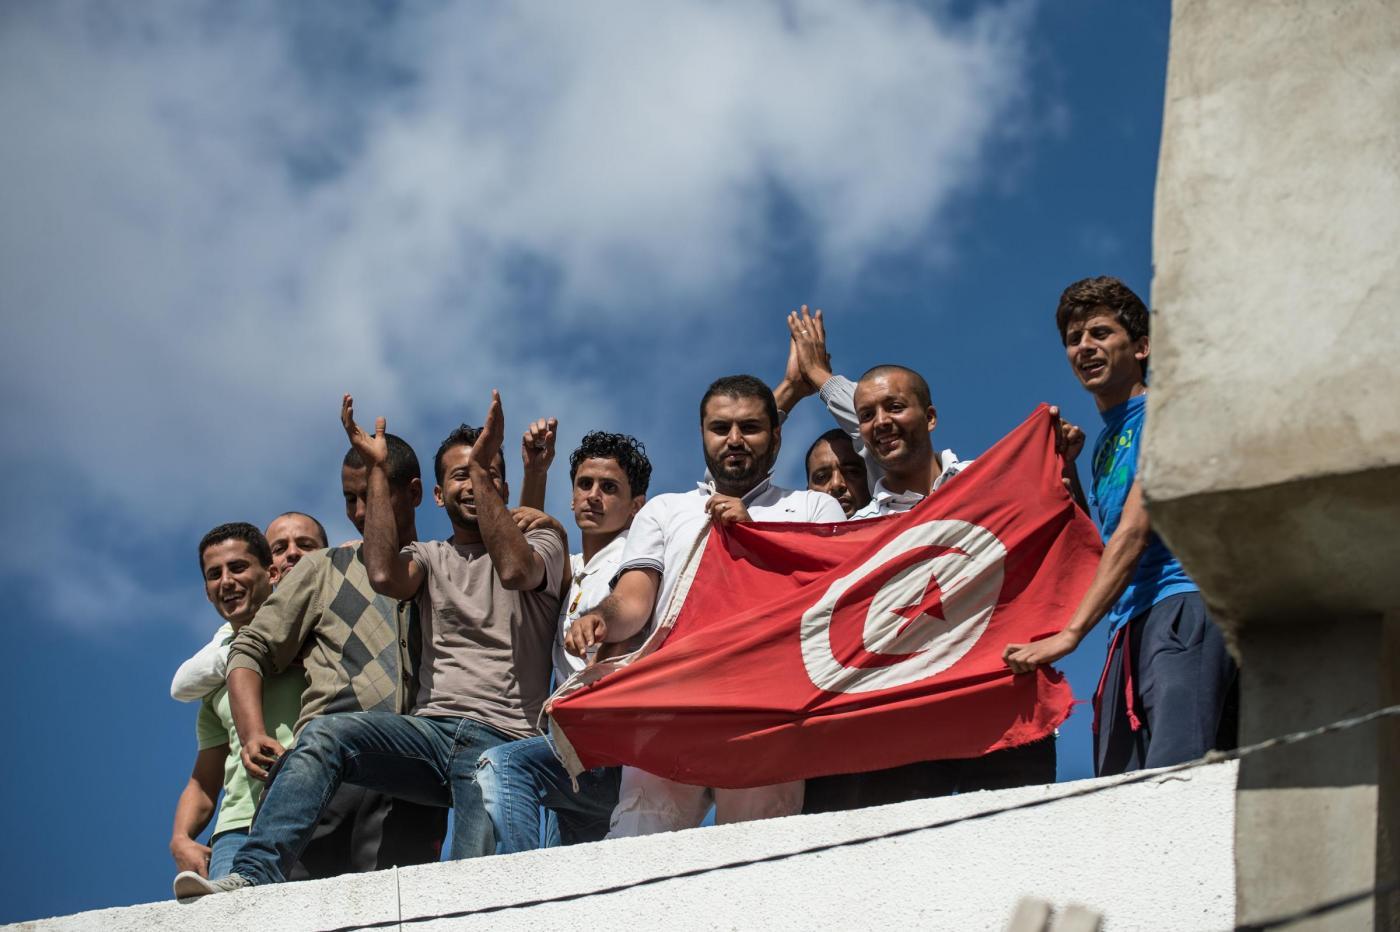 Coppa Tunisia, Etoile Sahel-Club Africain lunedì 3 giugno: analisi e pronostico dei quarti di finale della coppa nazionale del paese africano